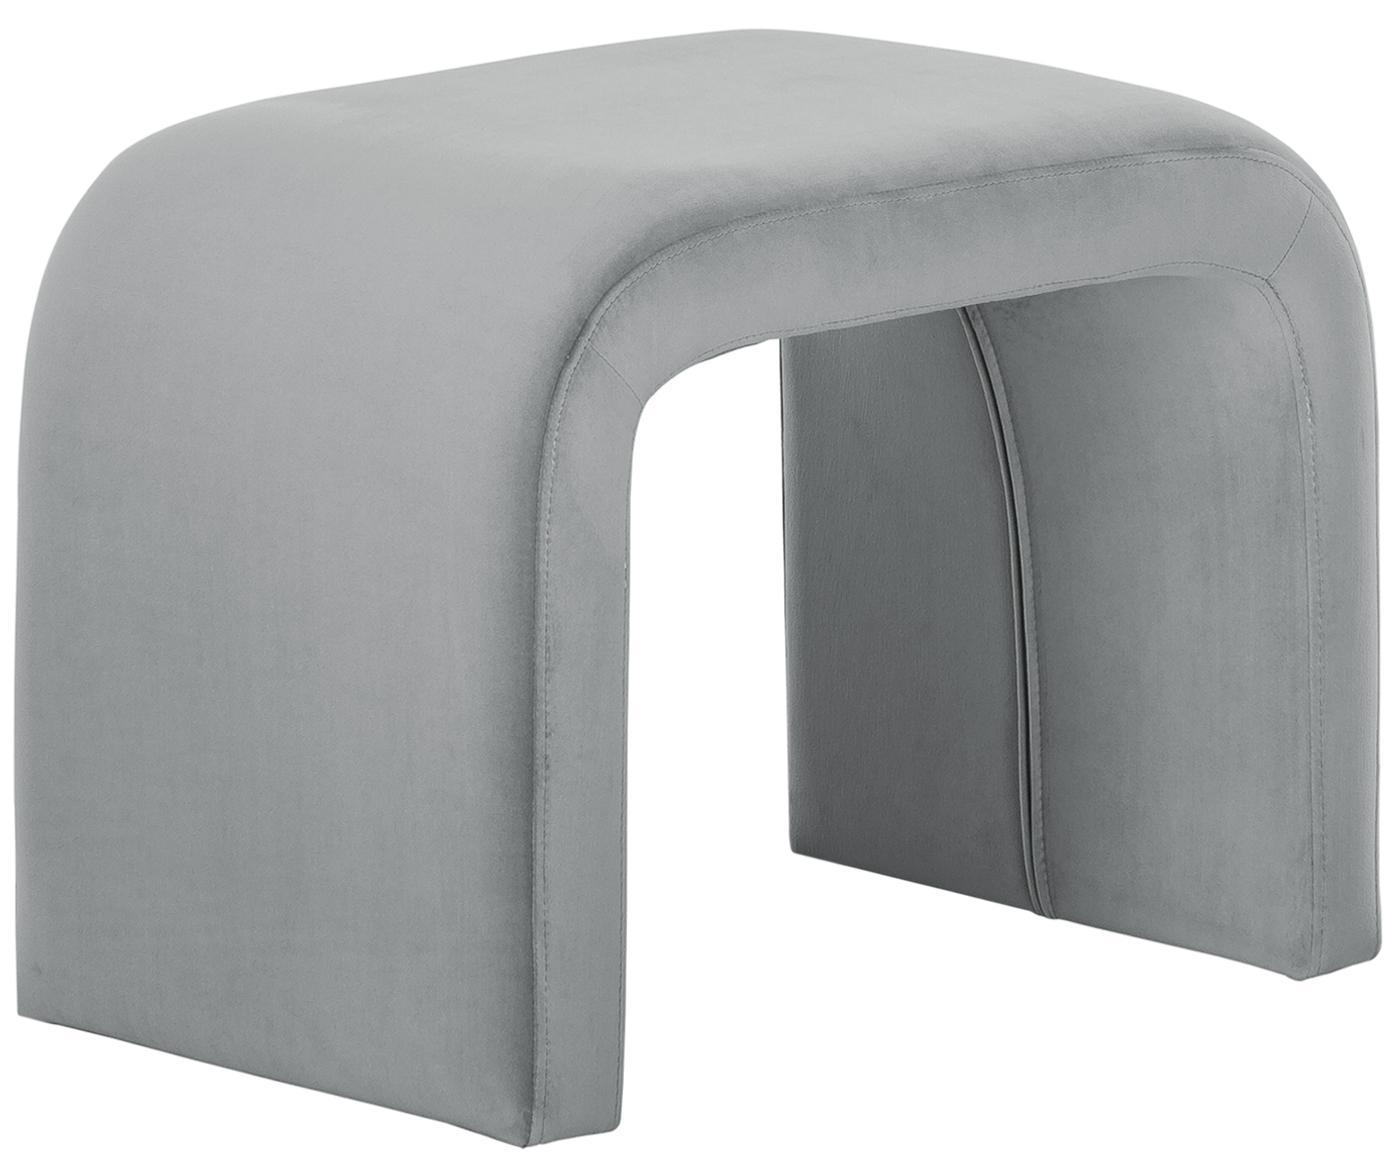 Sgabello in velluto Penelope, Rivestimento: velluto (poliestere) 50.0, Struttura: metallo truciolato, Grigio, Larg. 60 x Alt. 45 cm